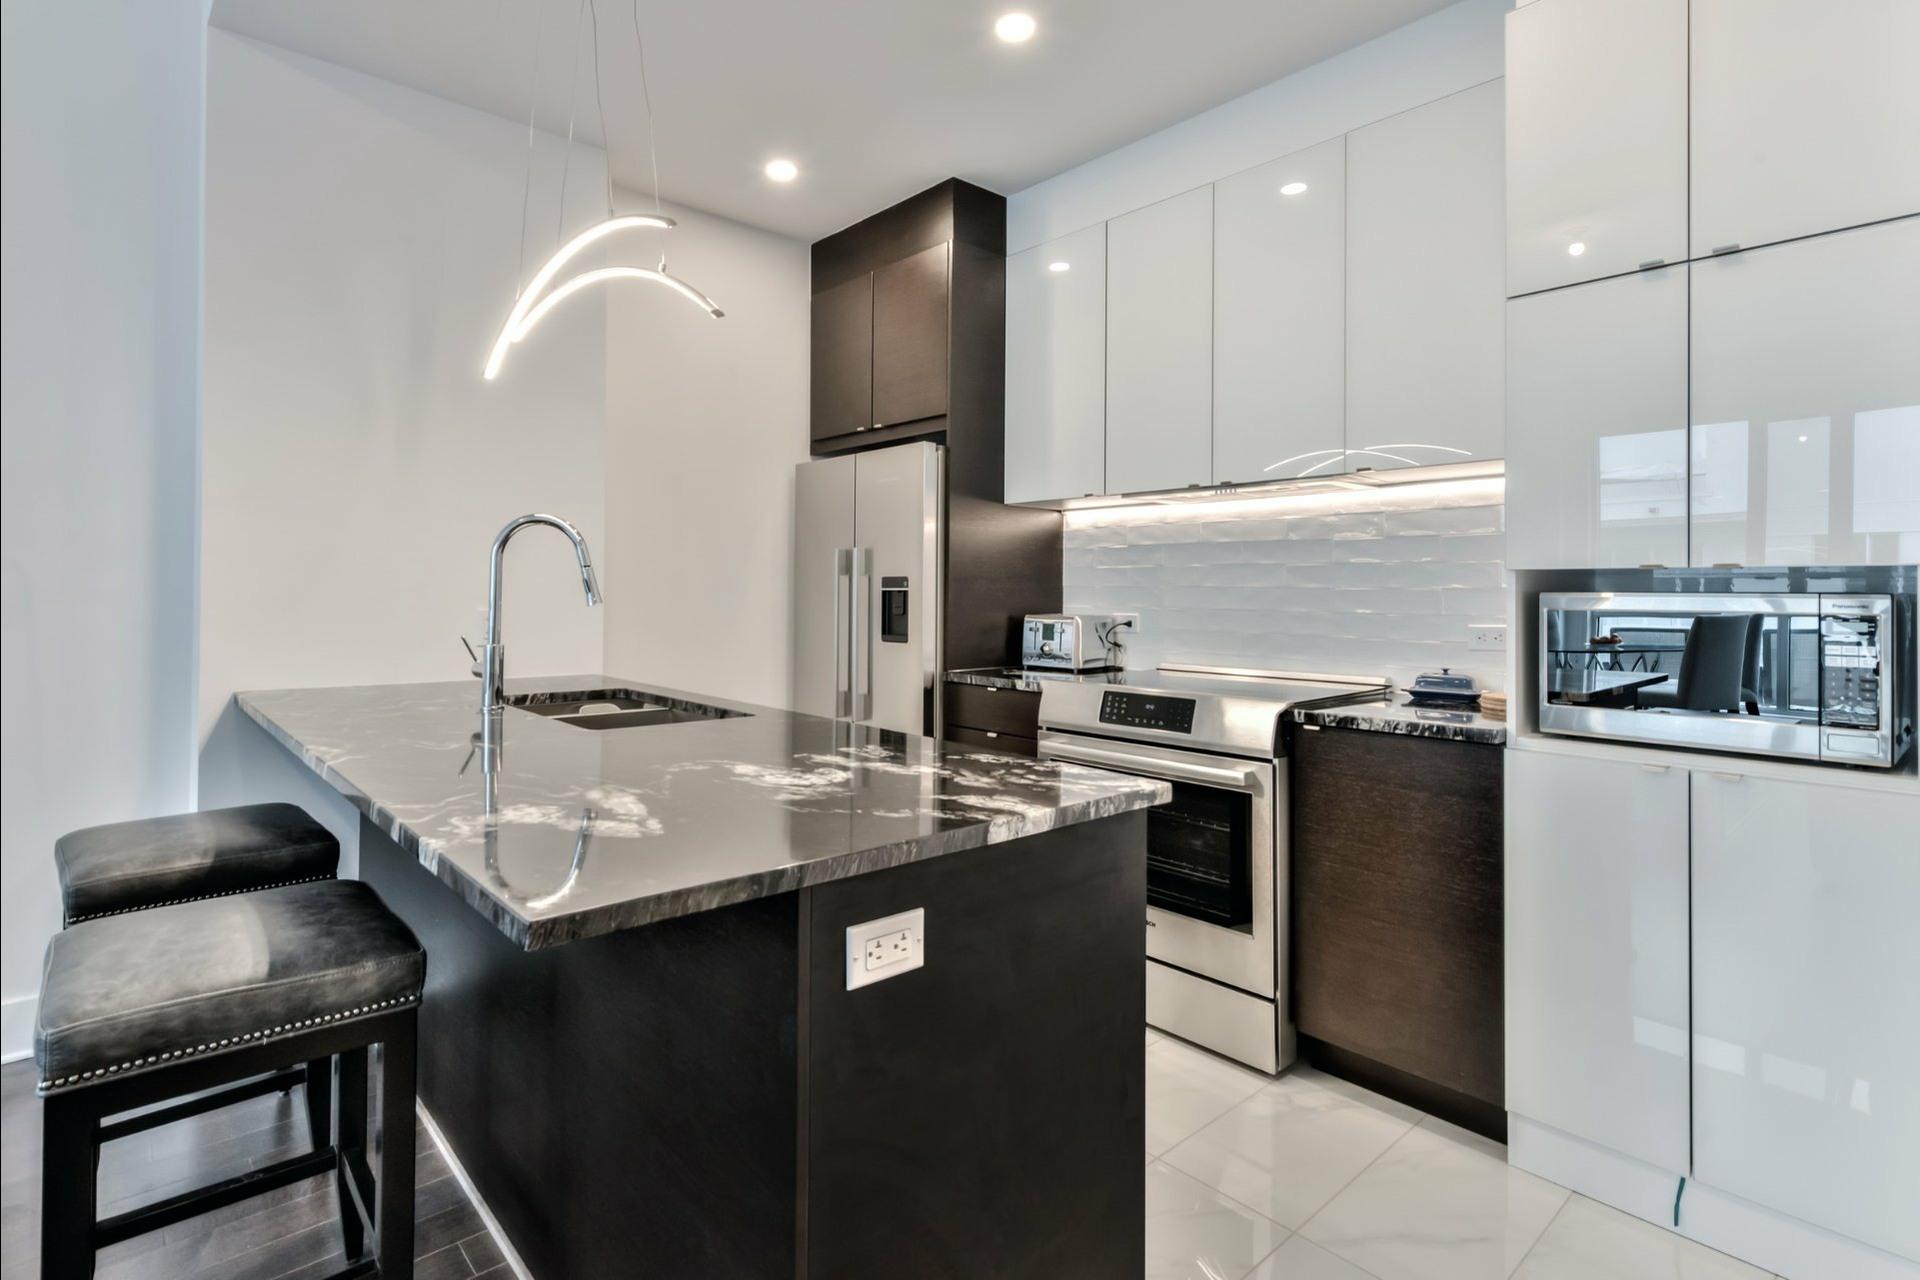 image 7 - 公寓 出售 Côte-des-Neiges/Notre-Dame-de-Grâce Montréal  - 4 室